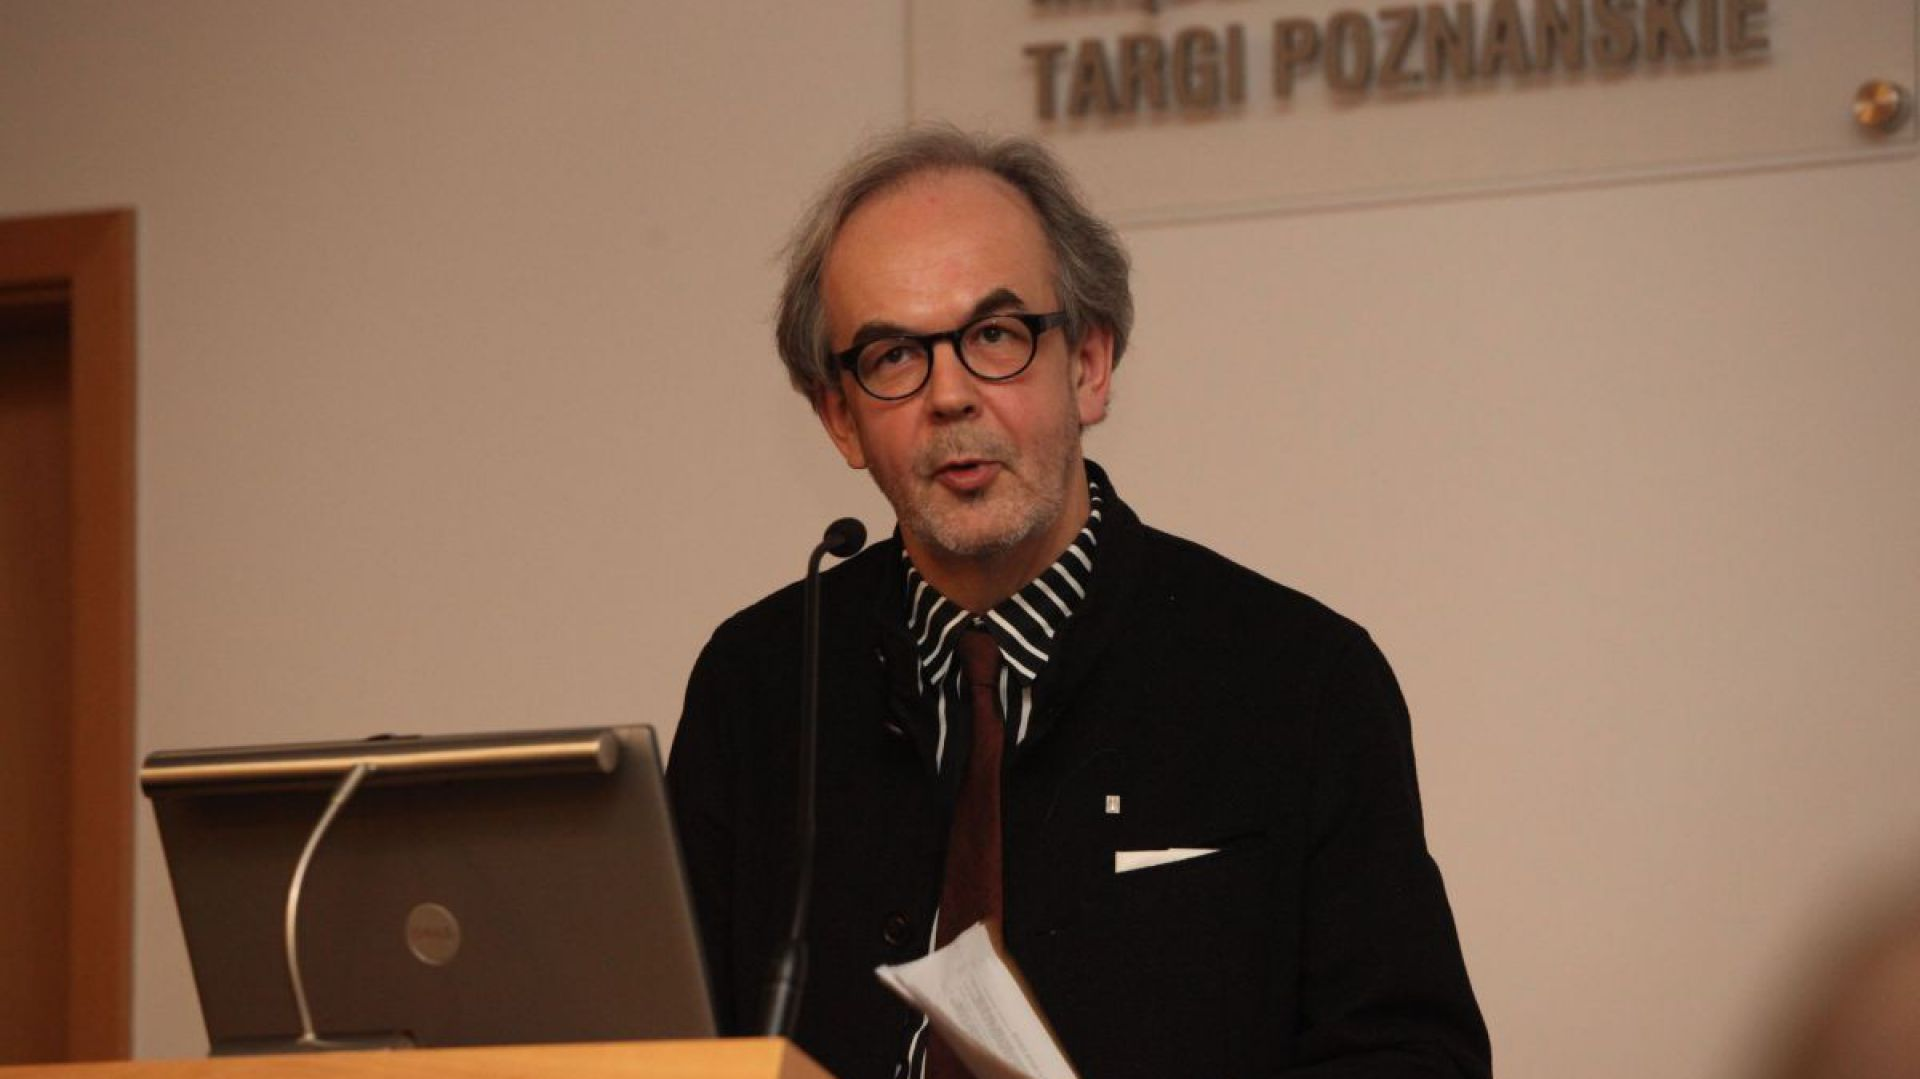 Rainer Mahlamaki 111.jpg